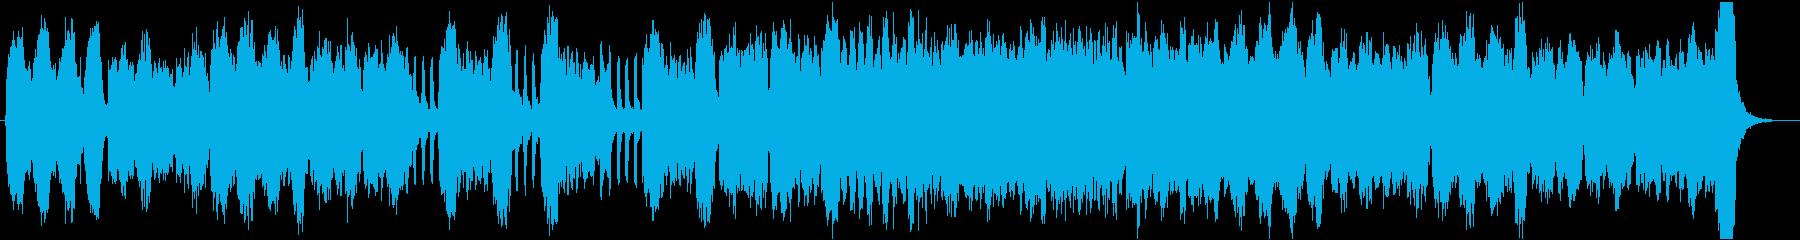 優雅な弦楽器のワルツです。王宮のイメージの再生済みの波形